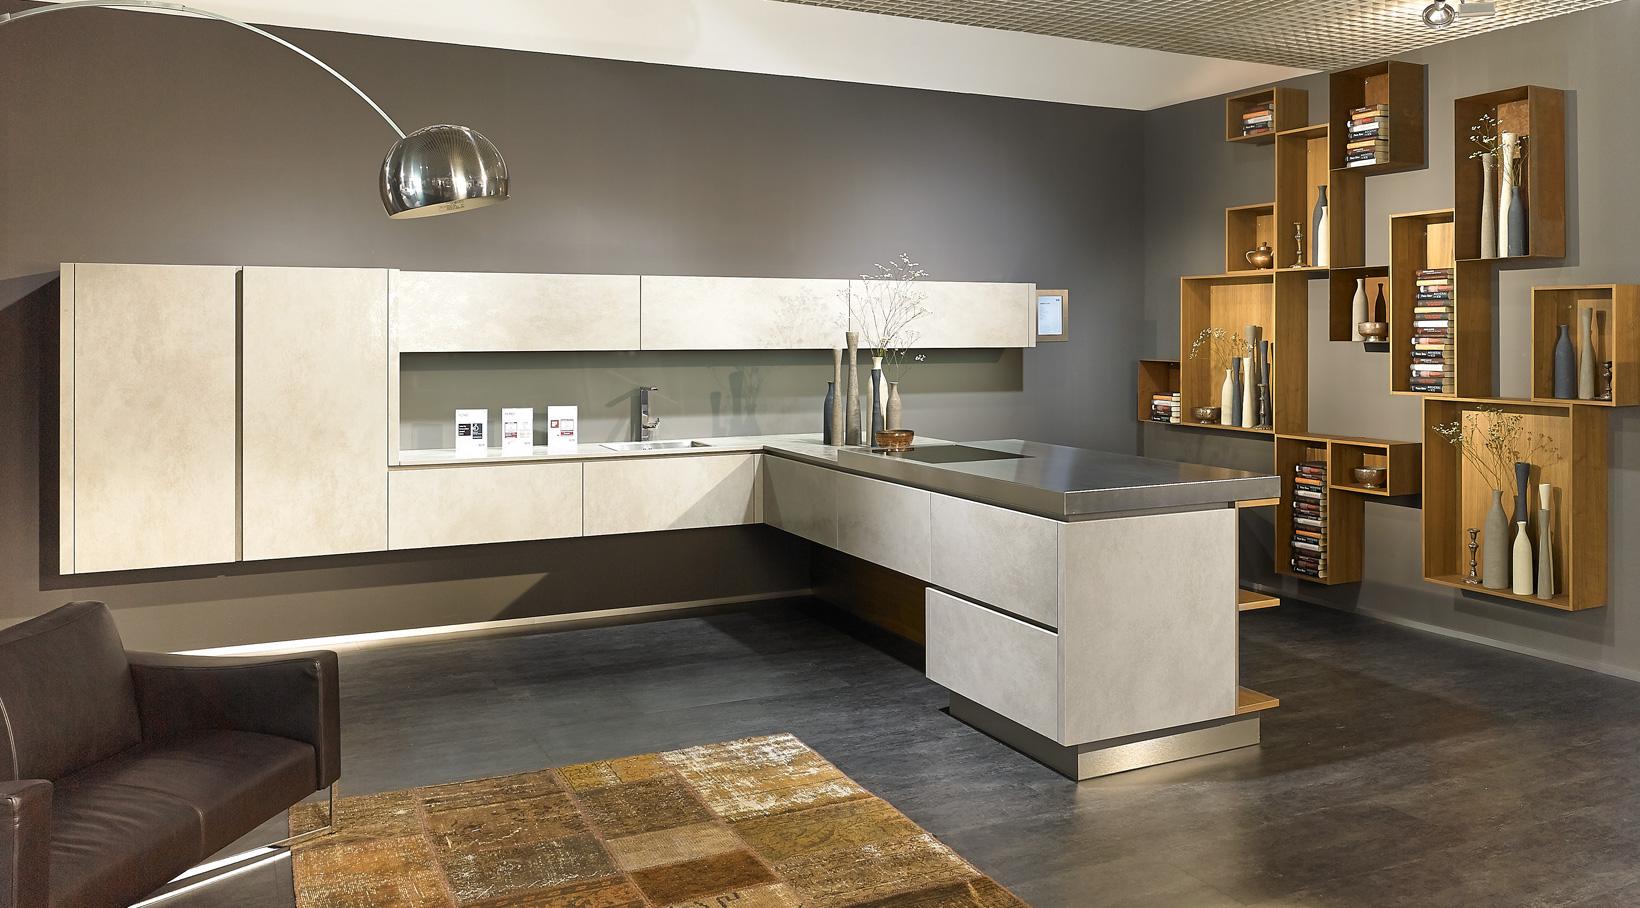 Full Size of Alno Küchen Stellmach Küche Regal Wohnzimmer Alno Küchen